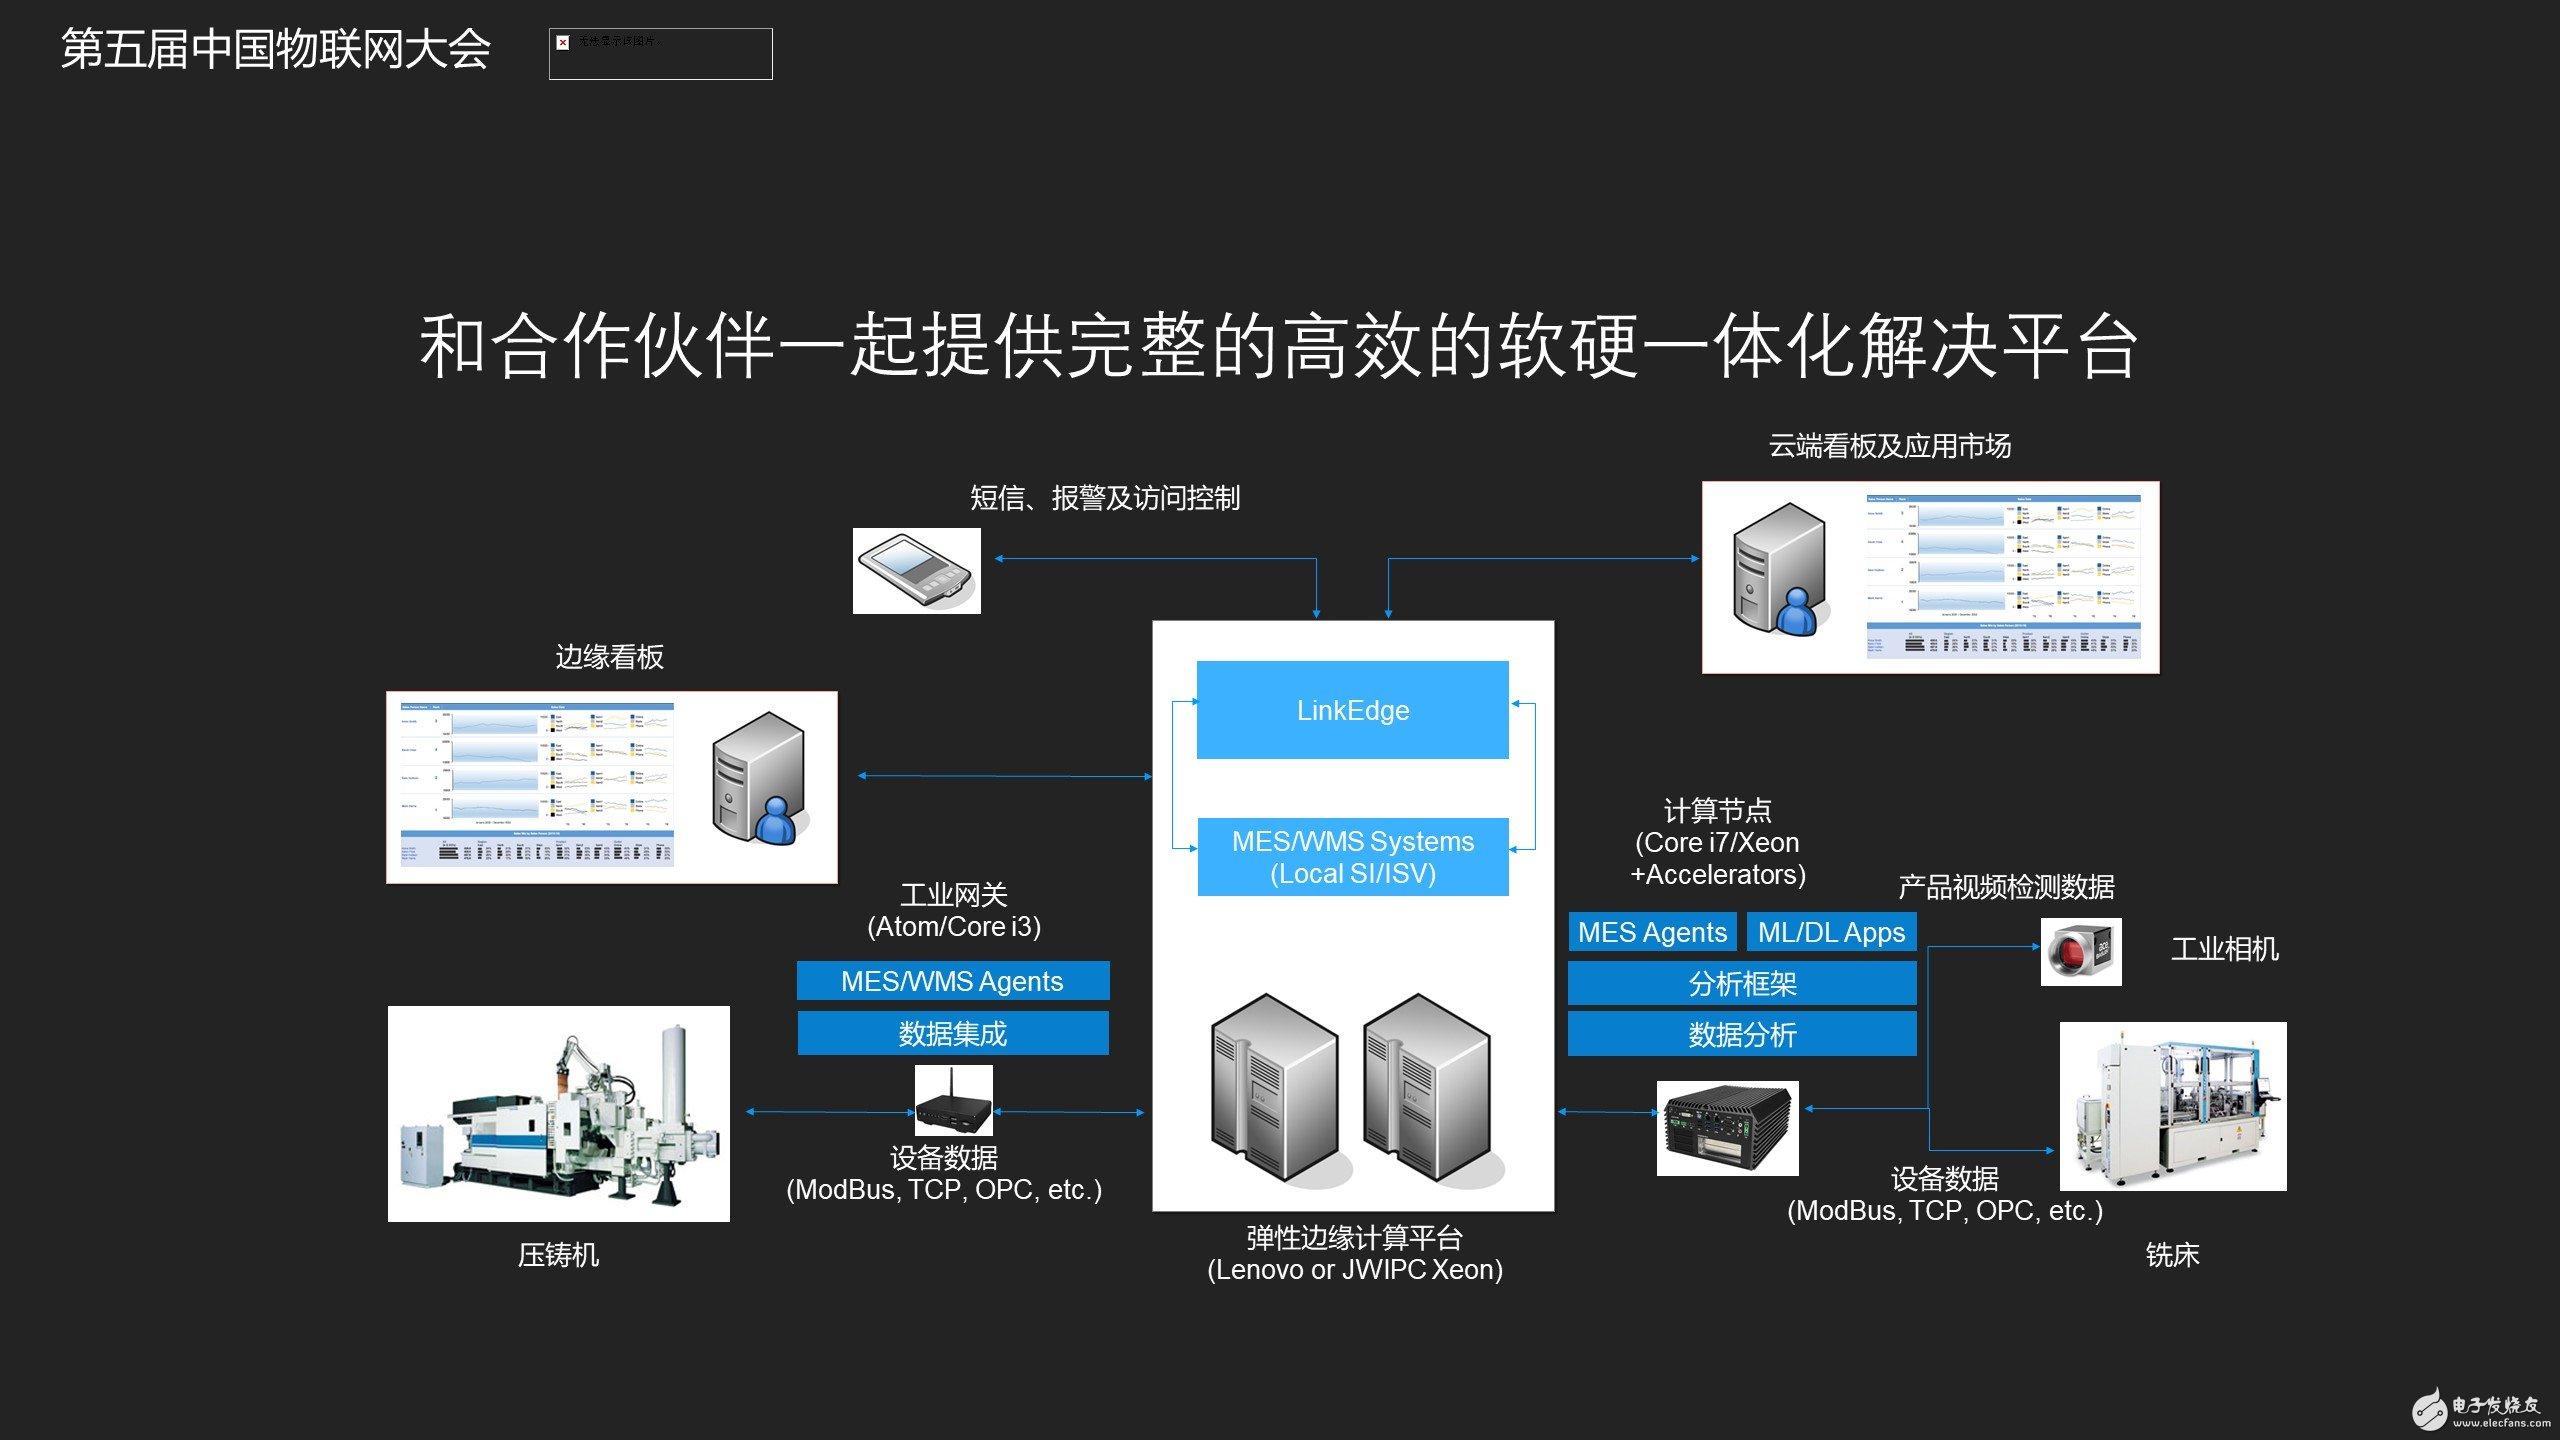 阿里和合作伙伴提供完整的软硬一体化平台